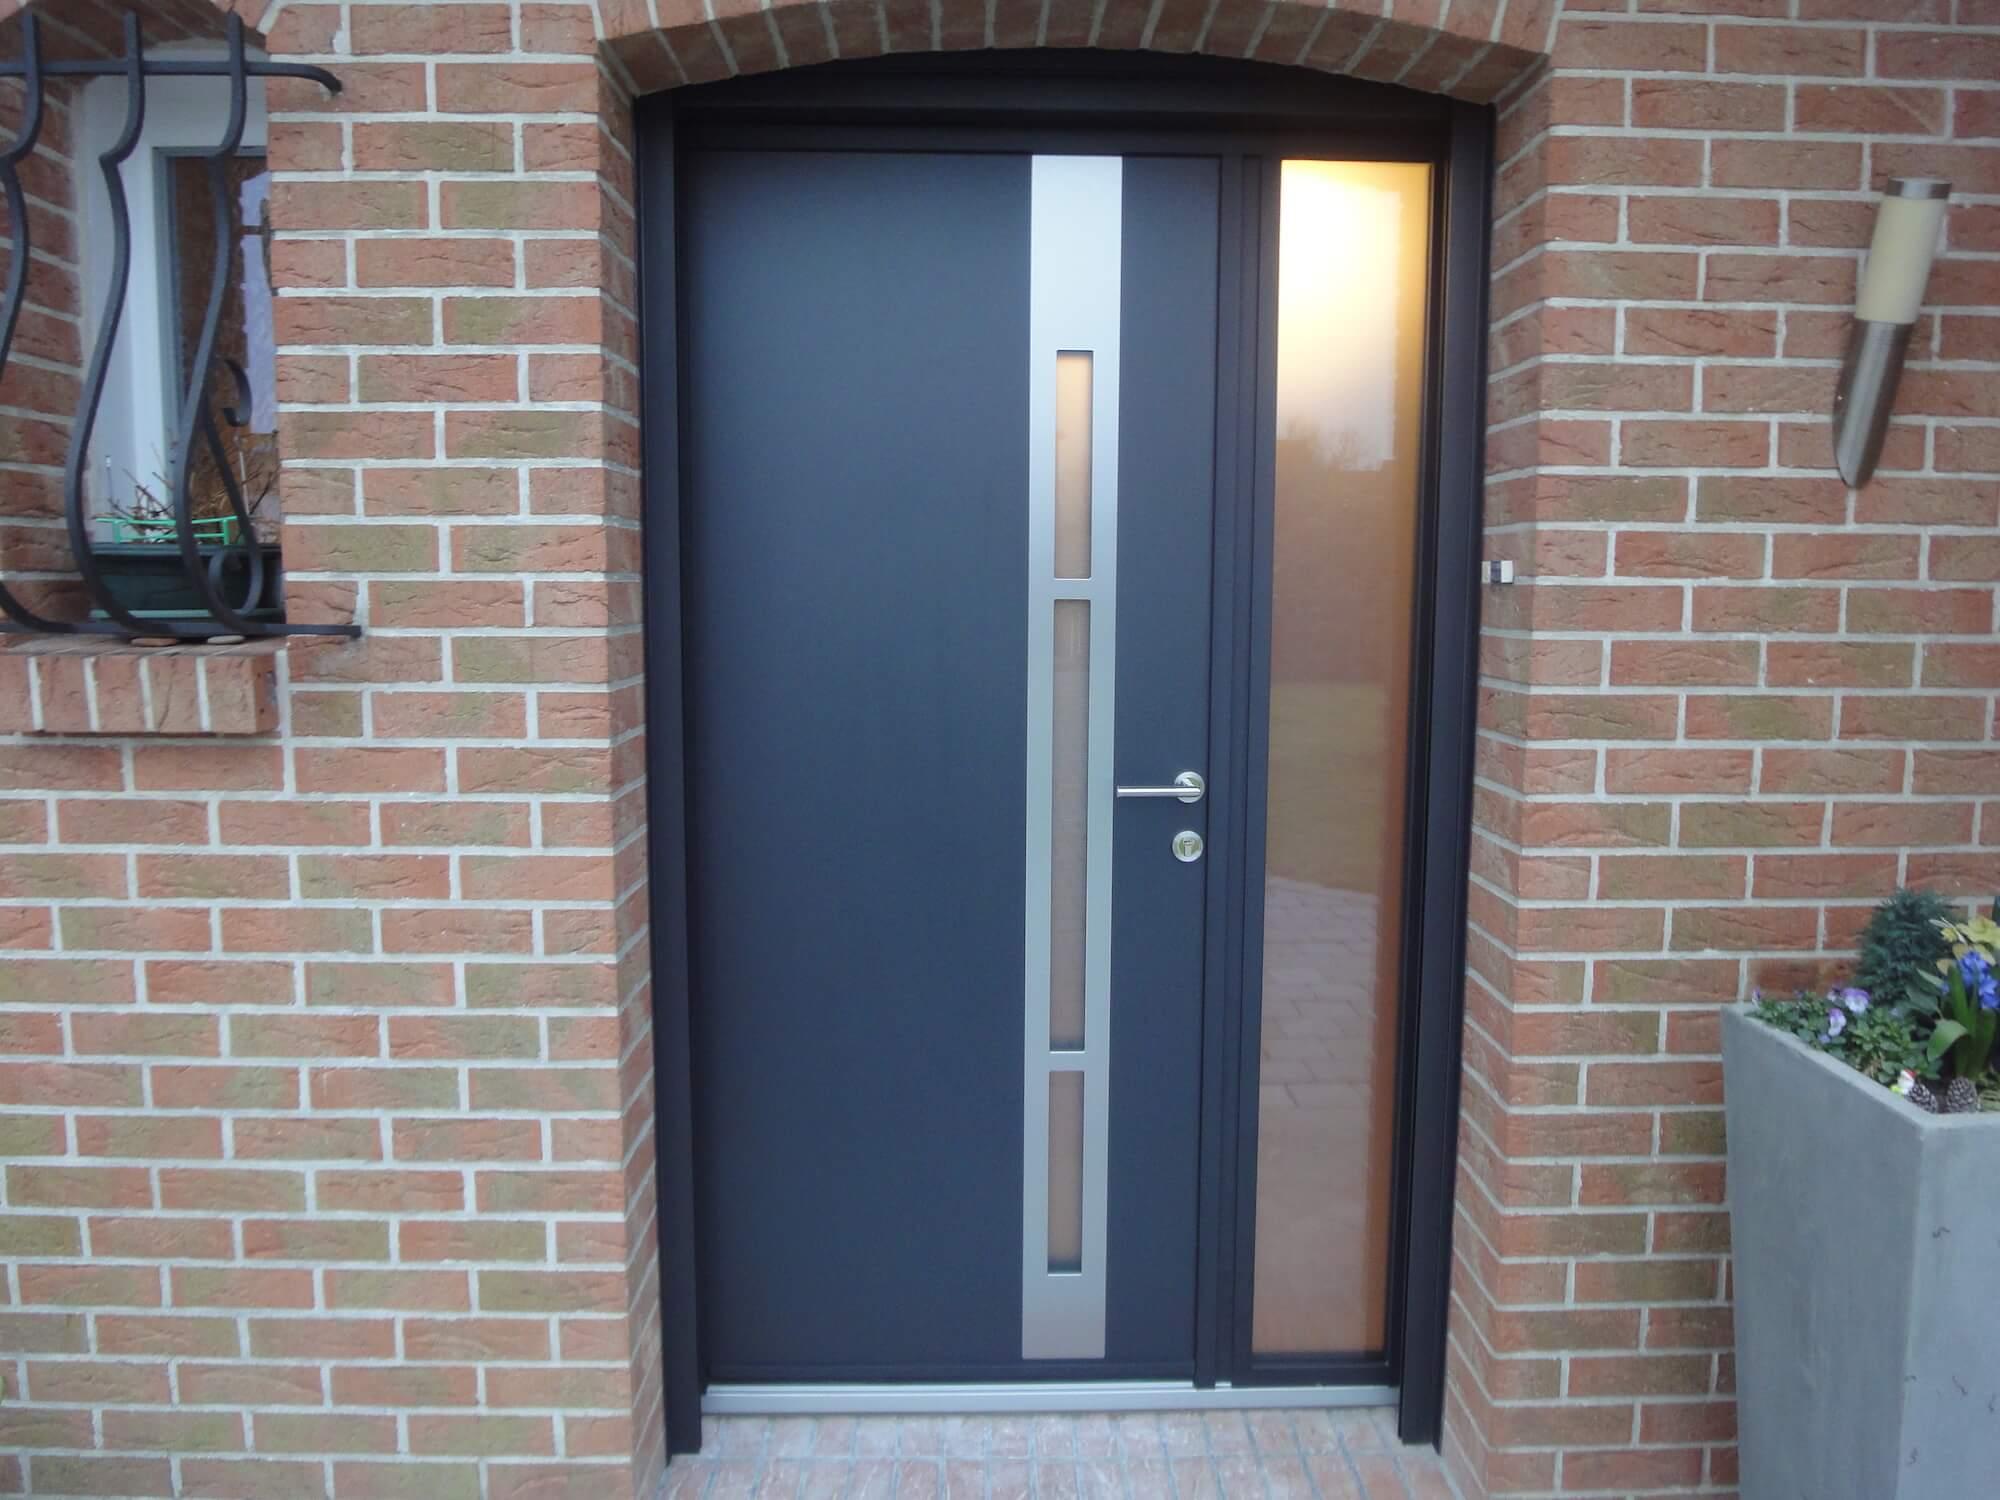 porte d'entrée hazebrouck, porte d'entrée aire sur la lys, porte d'entrée béthune, porte d'entrée merville, porte d'entrée lille, aluminium, pvc 2